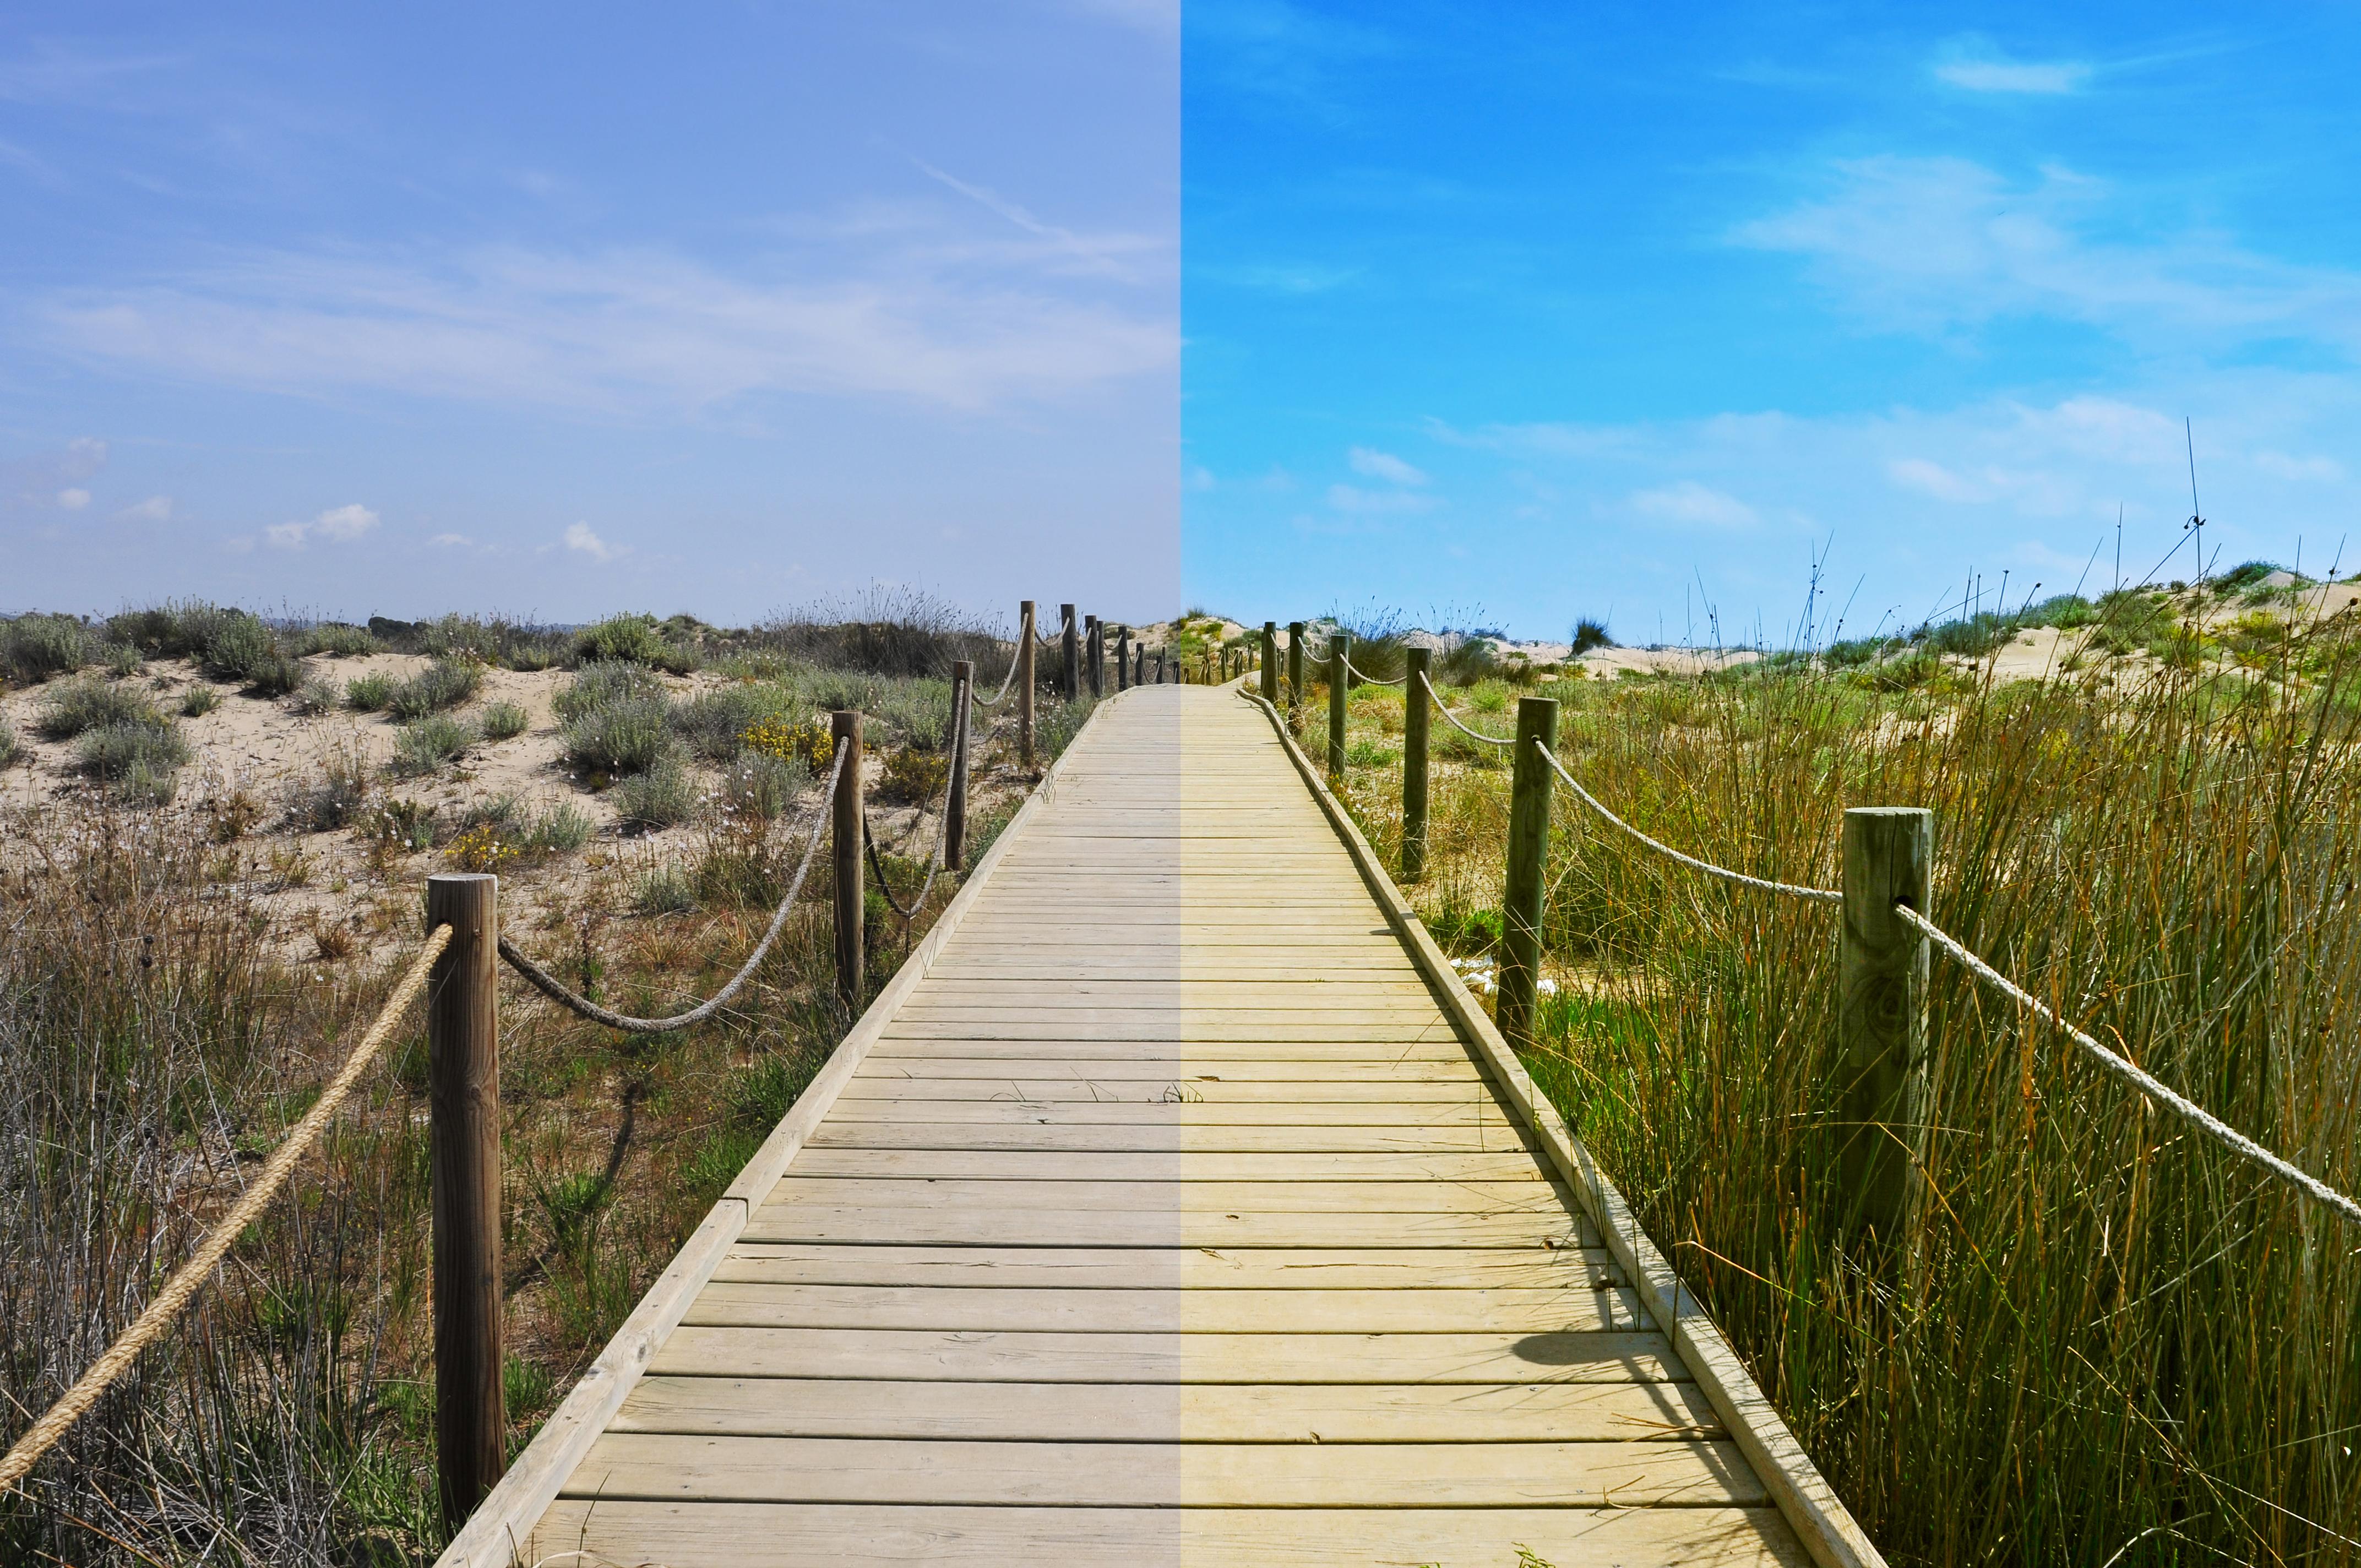 Fotografía antes y después de editar